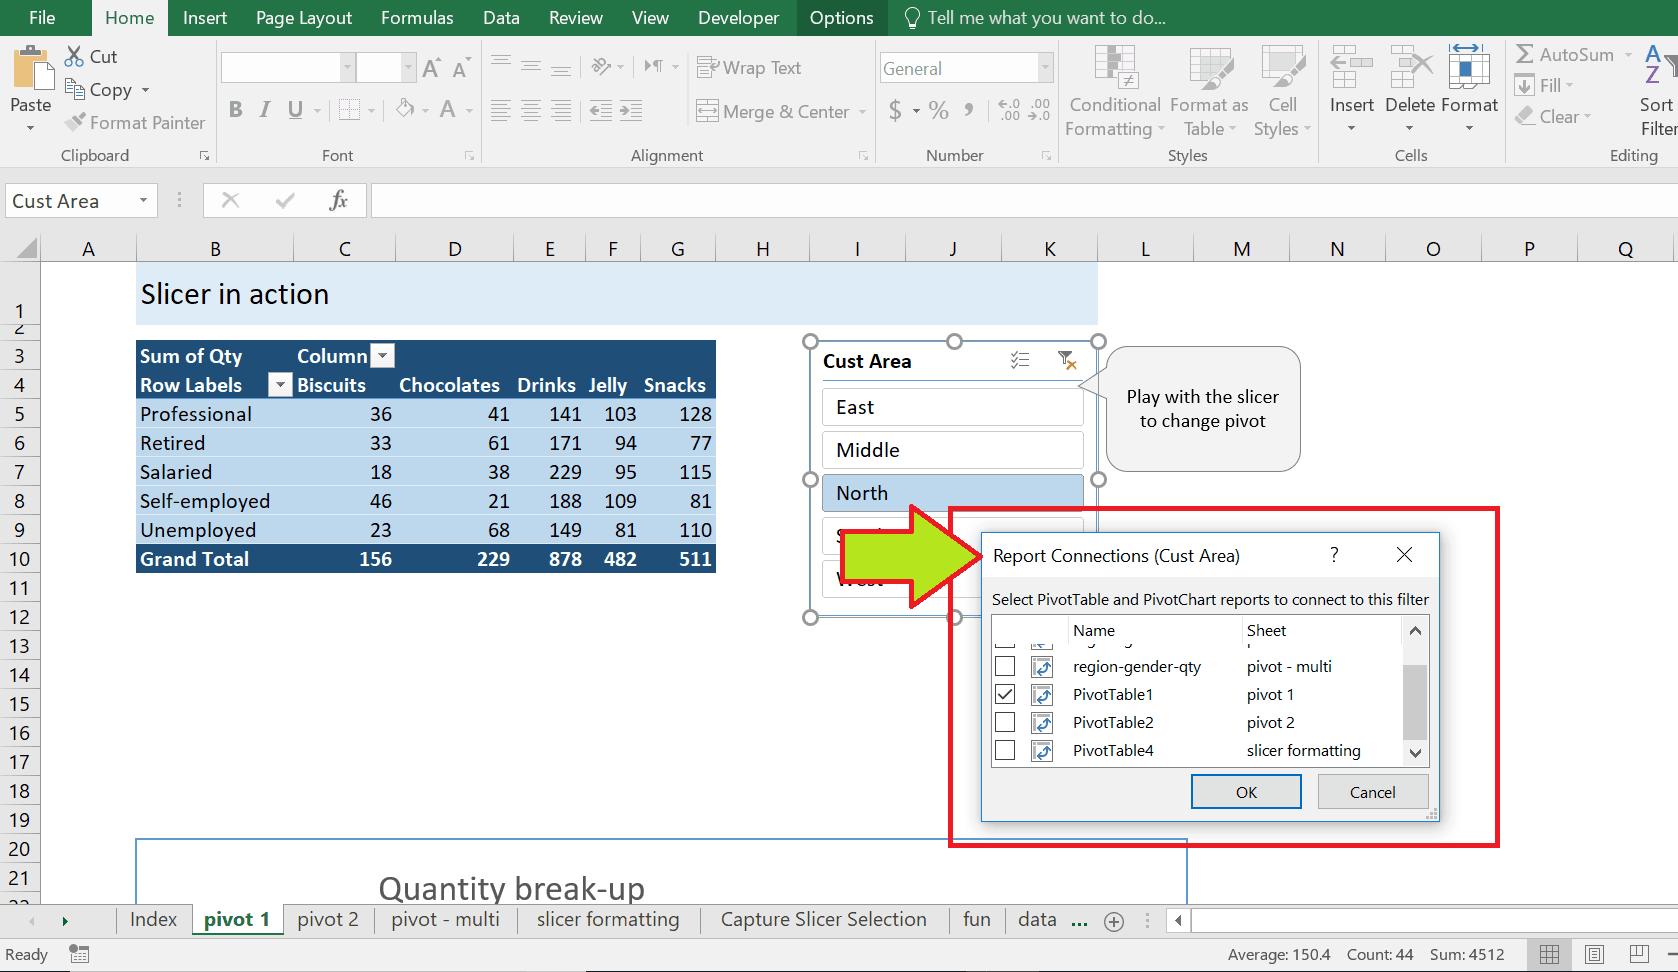 چند جدول و یک اسلایسر در نرم افزار اکسل